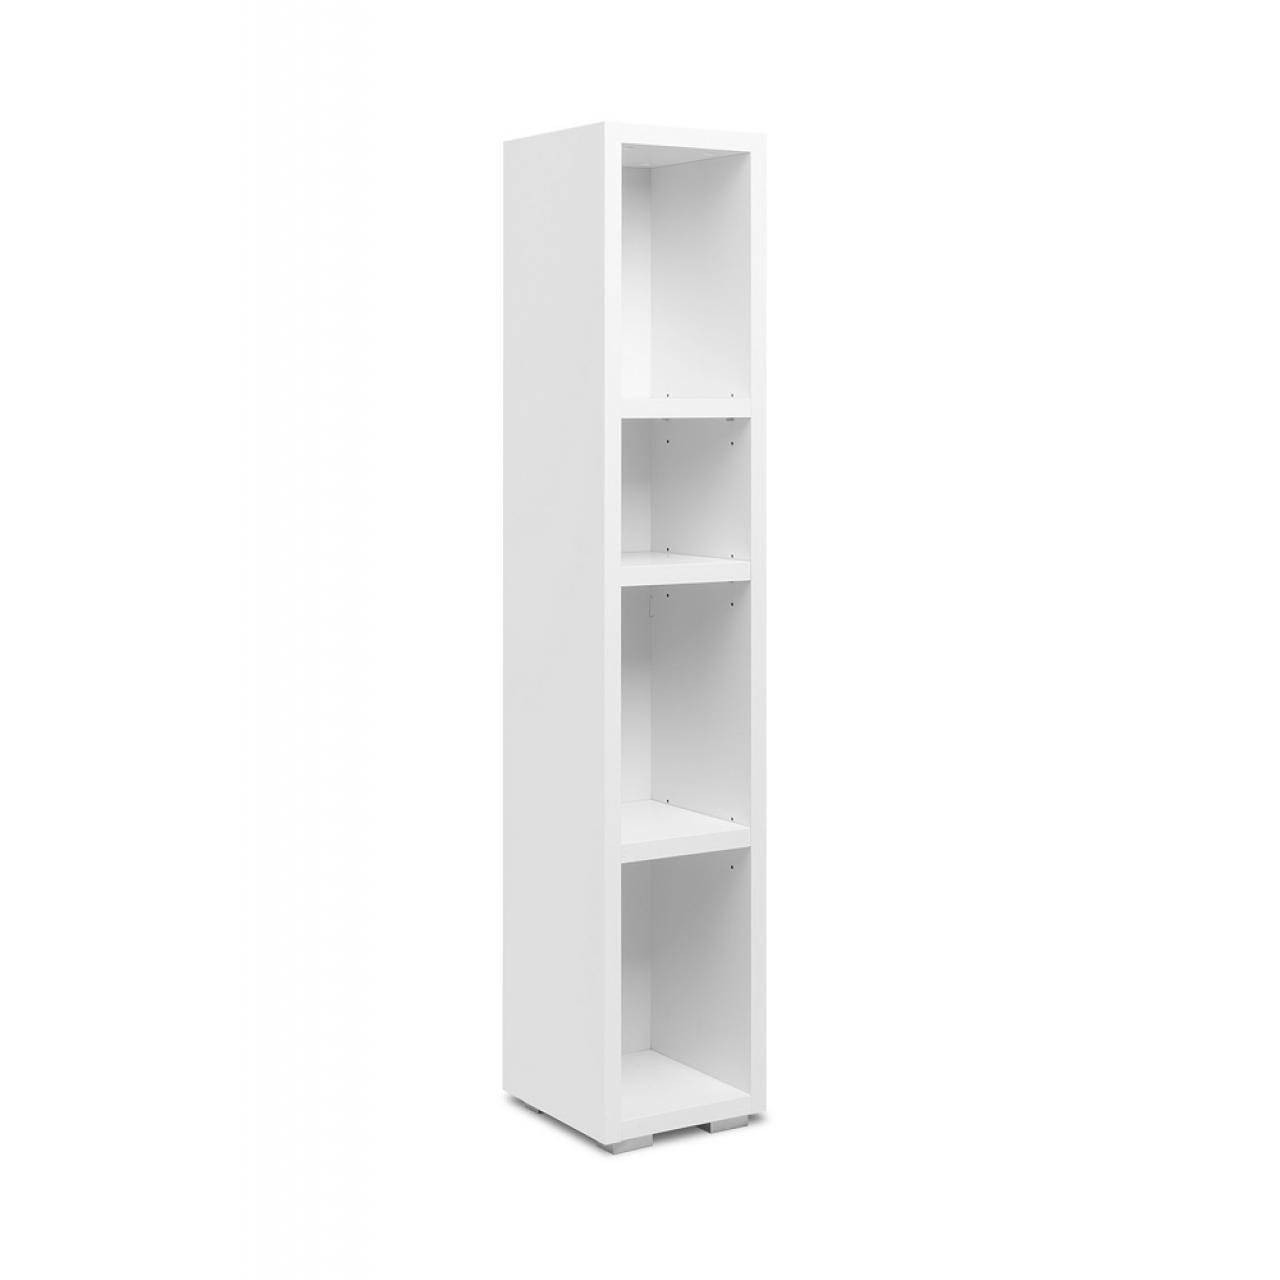 Regal Image 21 Weiß 3 Einlegeböden Bücherregal Aufbewahrung Aktenregal